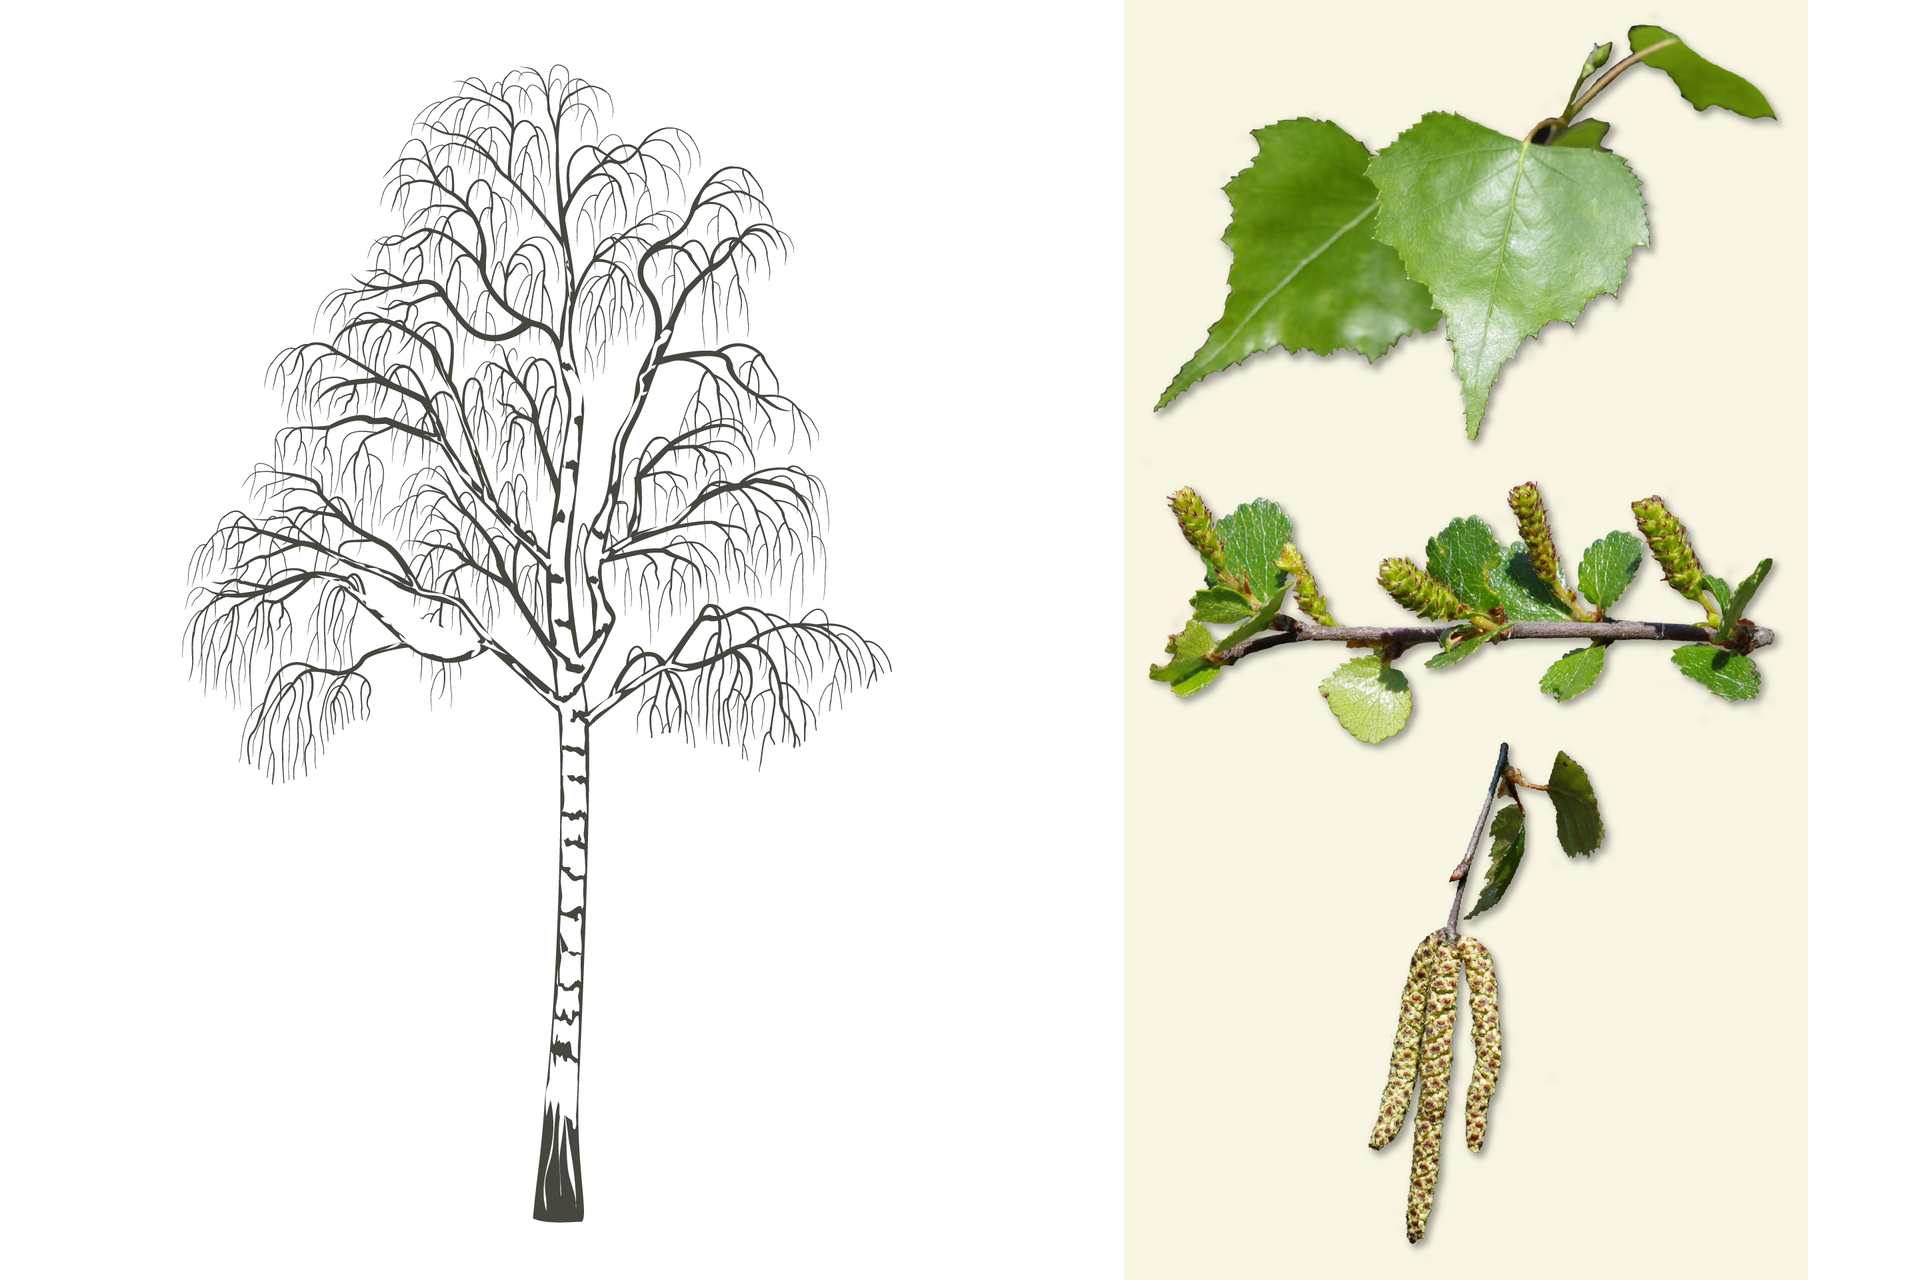 Ilustracja przedstawia biało szarą sylwetkę brzozy. Po prawej od góry: gałązka zzielonymi, ostro zakończonymi liśćmi. Wśrodku zbliżenie pięciu walcowatych owocostanów na gałązce zliśćmi. Poniżej gałązka zdrobnymi liśćmi ibrązowo białymi, drobniutkimi kwiatami, zebranymi wzwisające kwiatostany.